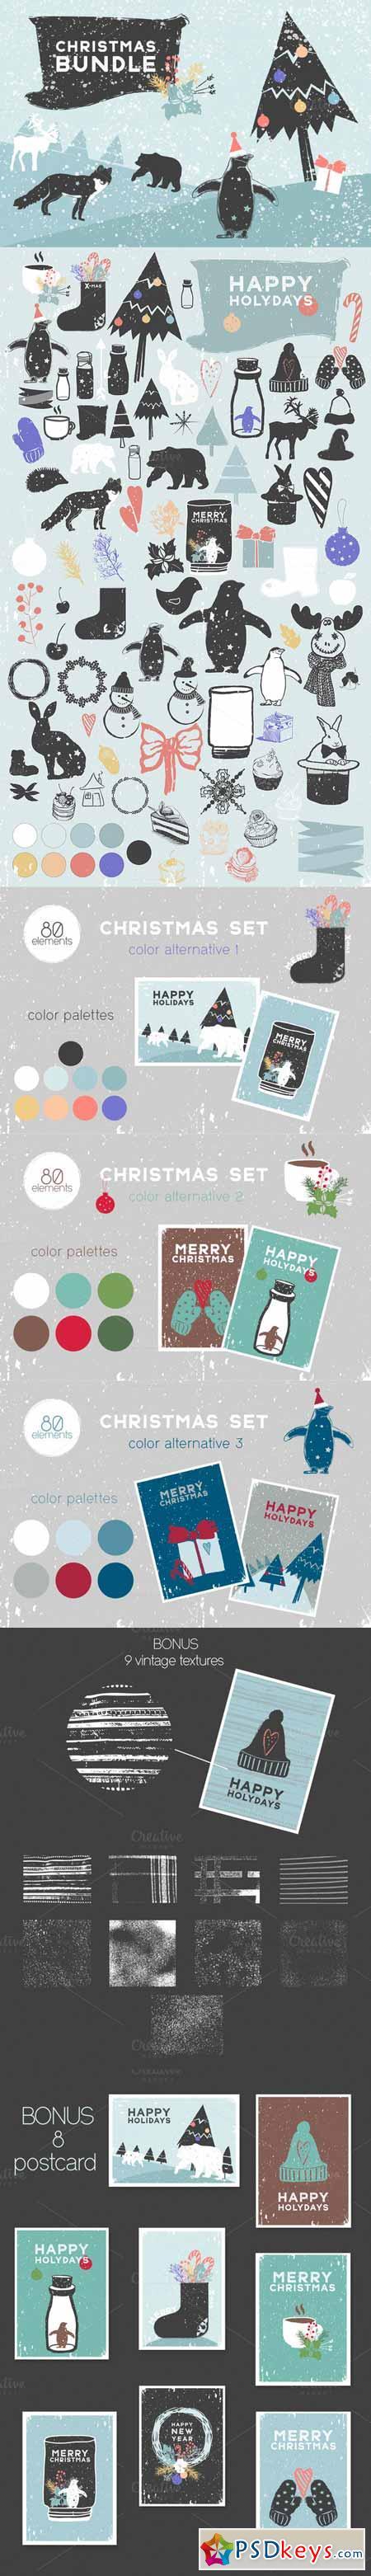 Big christmas set 395545